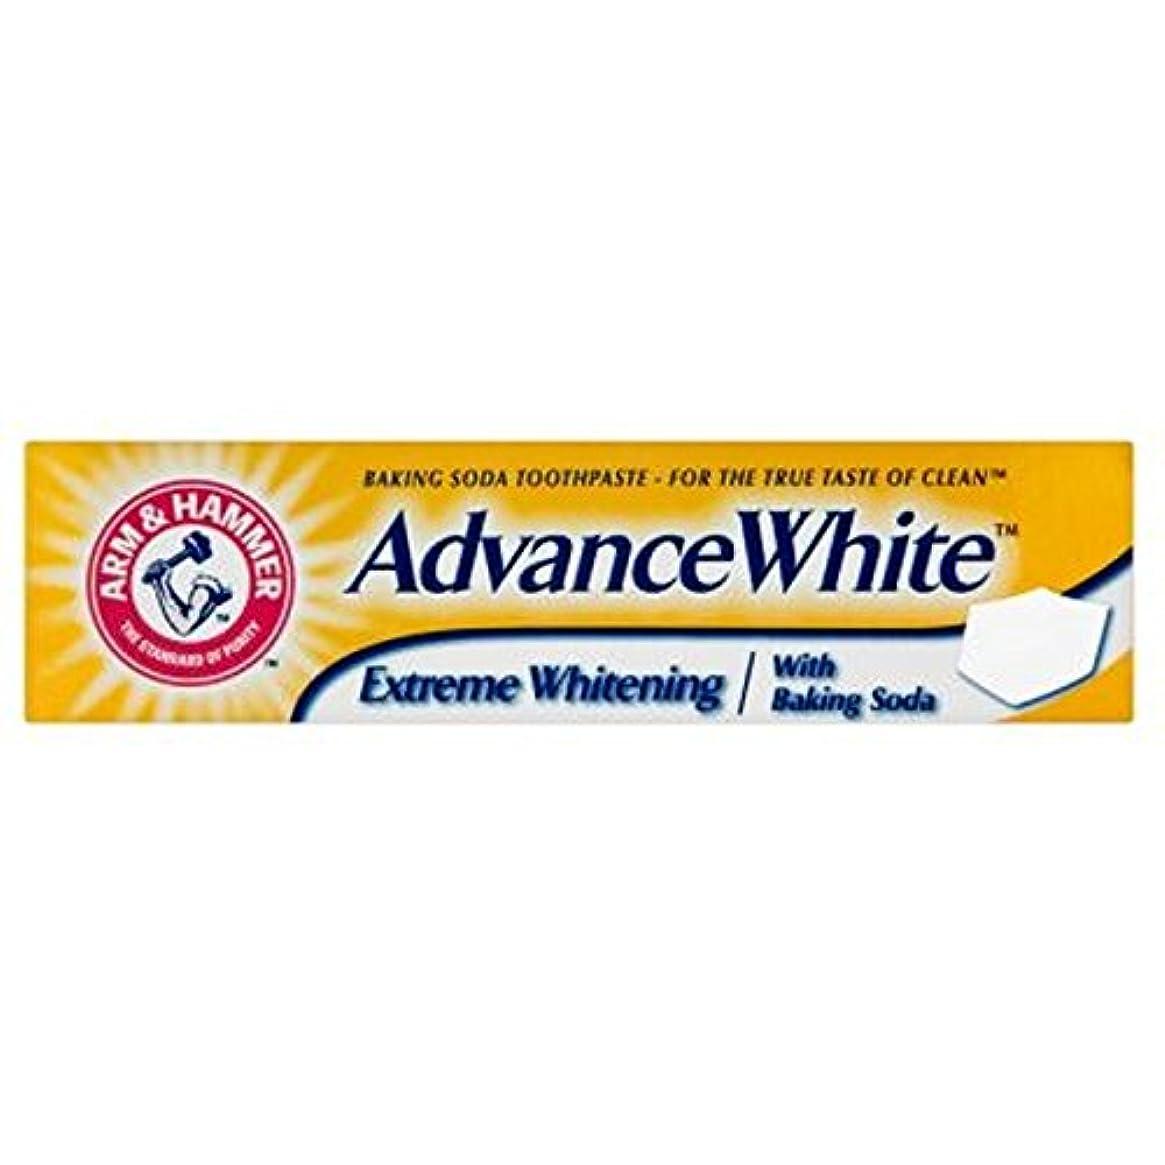 優しさ永久複雑でない重曹歯磨き粉75ミリリットルをホワイトニングアーム&ハンマー事前白極端 (Arm & Hammer) (x2) - Arm & Hammer Advance White Extreme Whitening Baking Soda Toothpaste 75ml (Pack of 2) [並行輸入品]